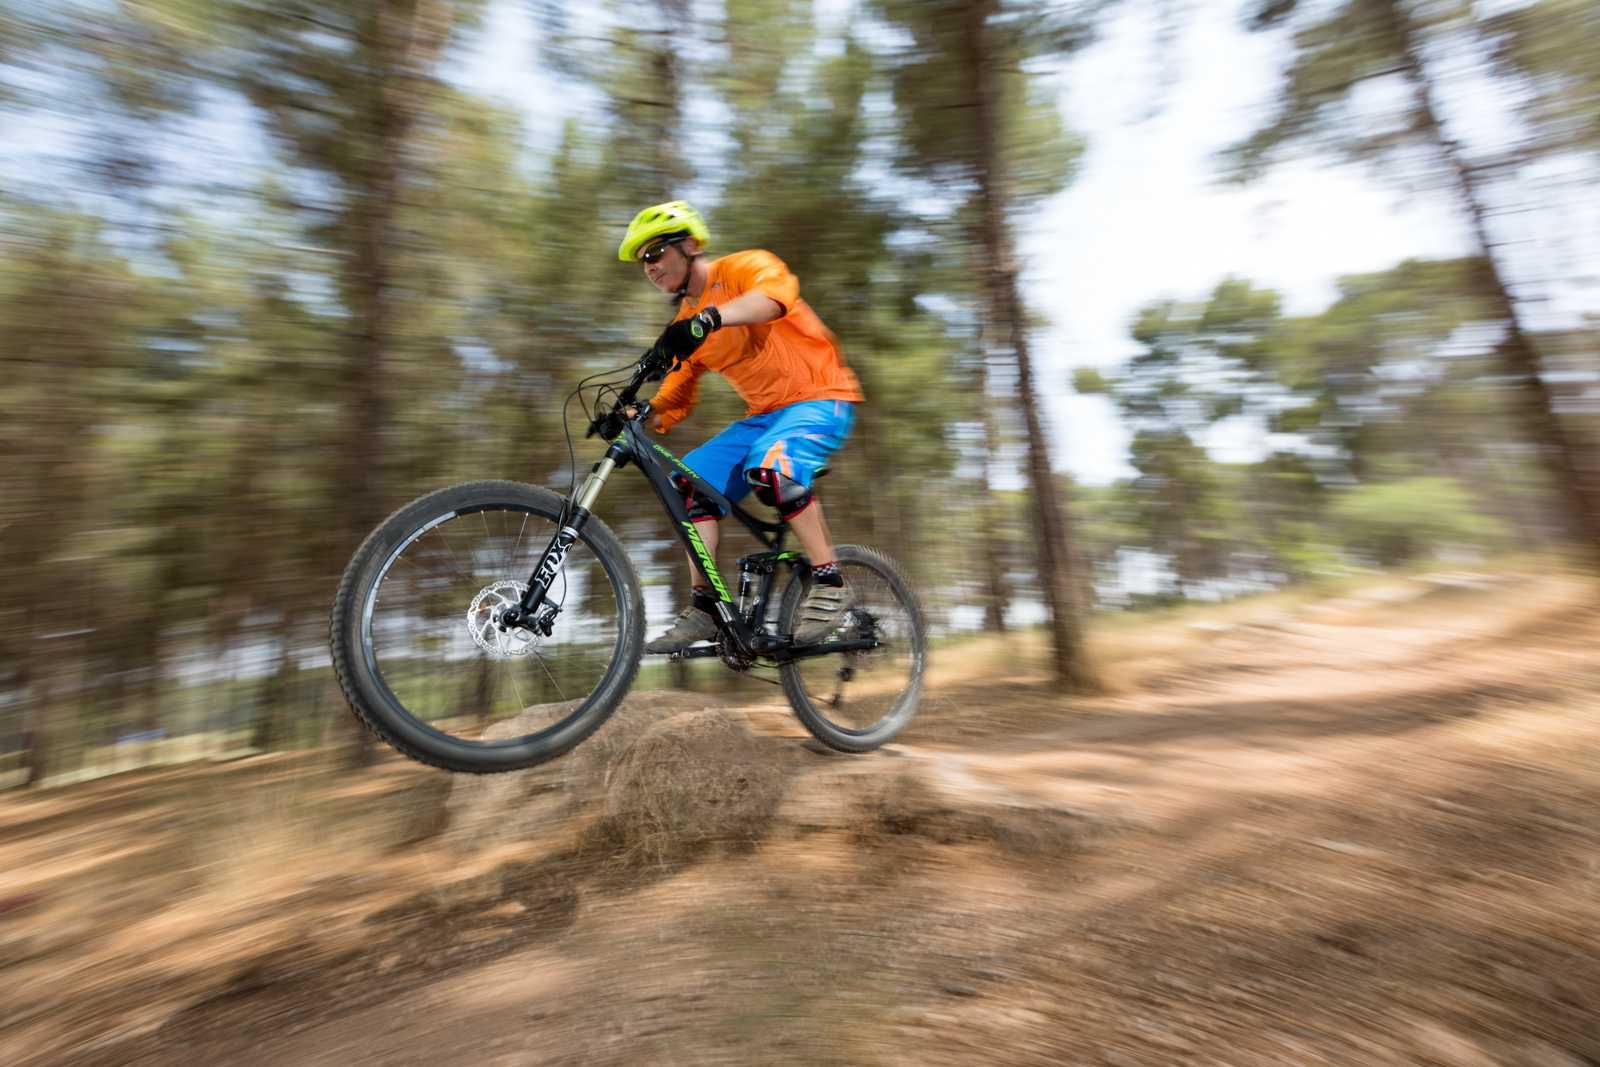 מבחן אופניים מרידה one-fourty 7.600. כמעט אנדורו, הרבה יכולת ותמורה לכסף. צילום: תומר פדר